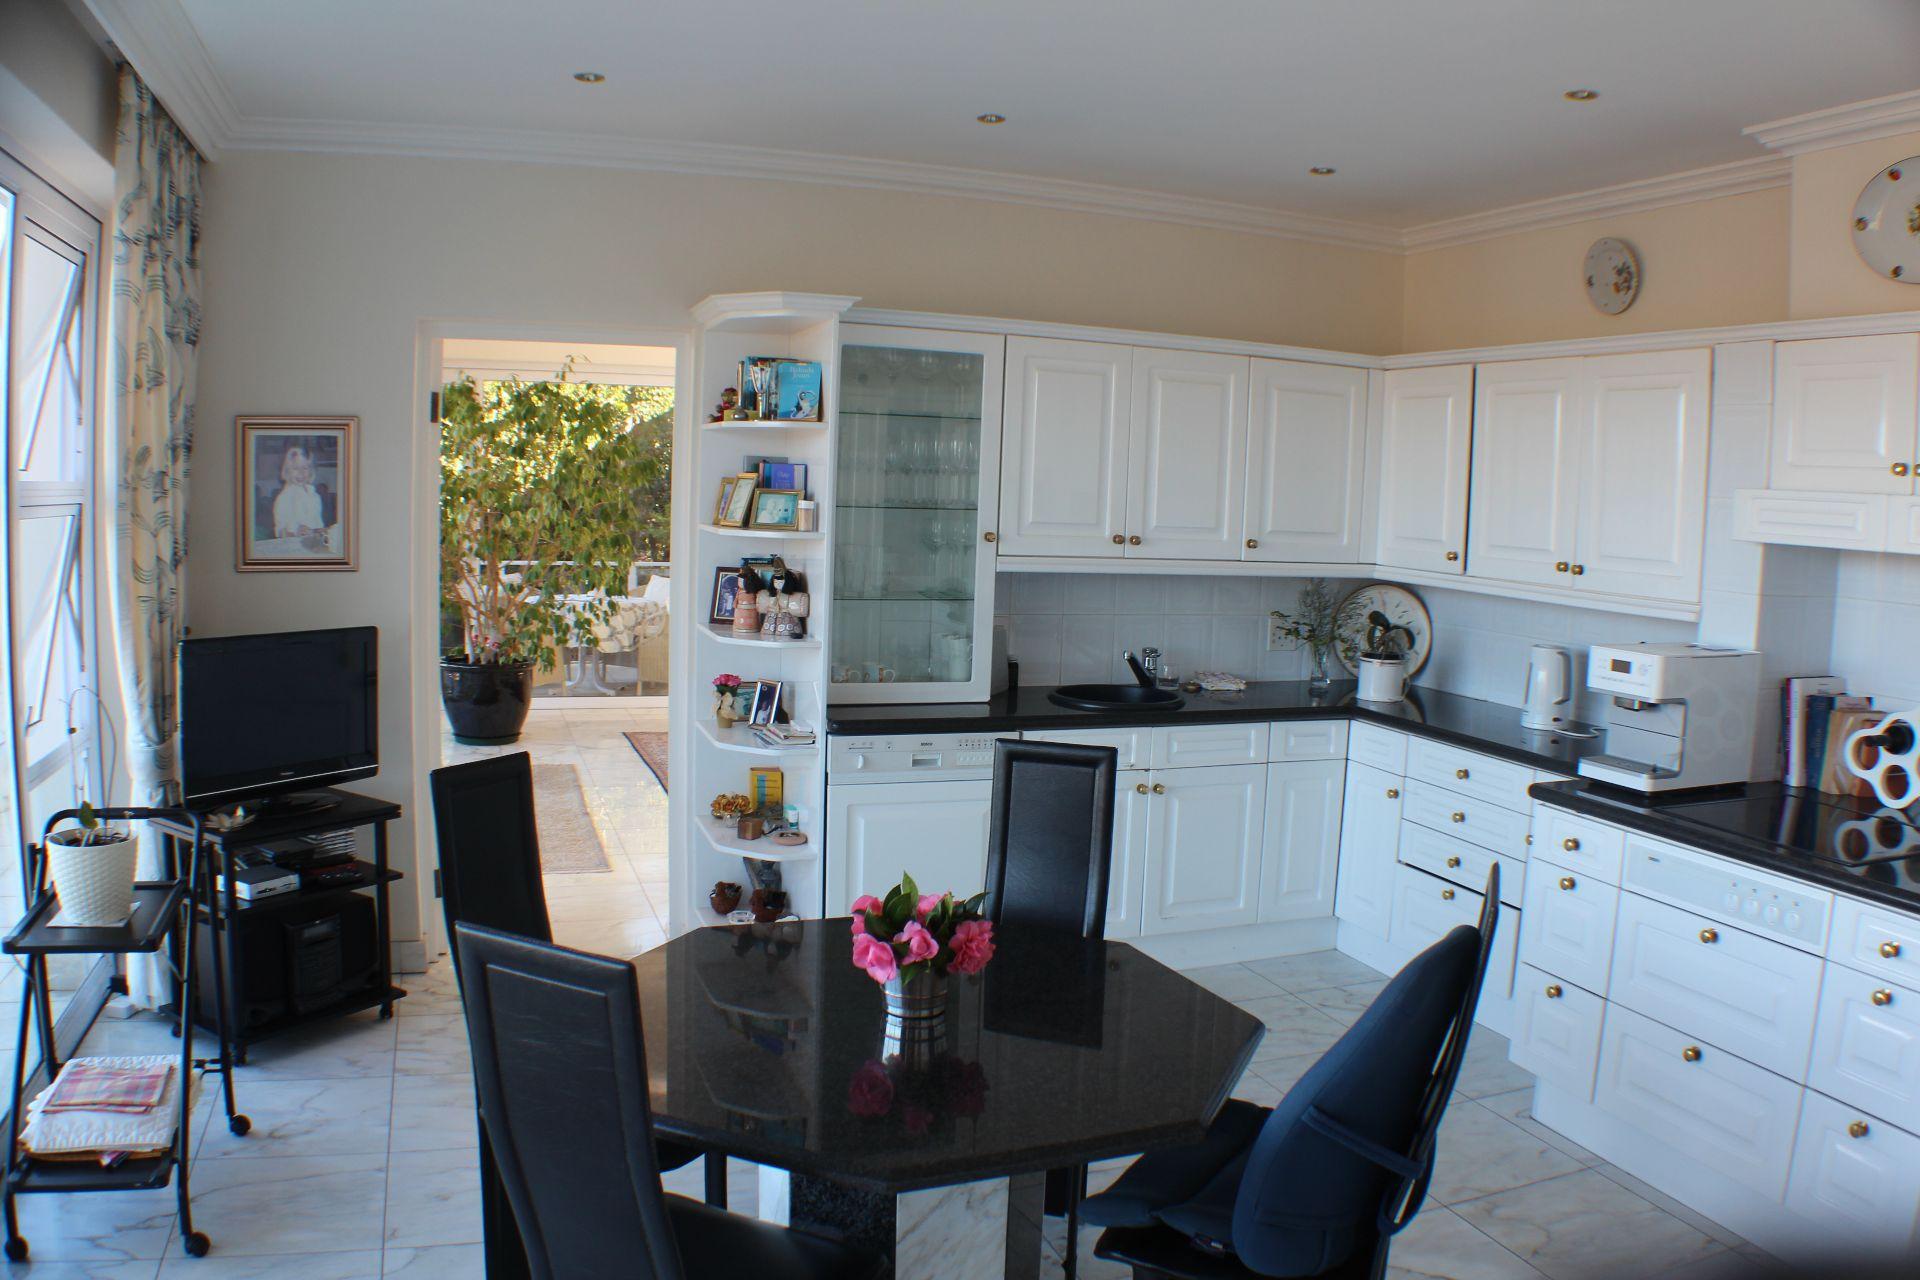 Erinvale Golf Estate property for sale. Ref No: 13509371. Picture no 8